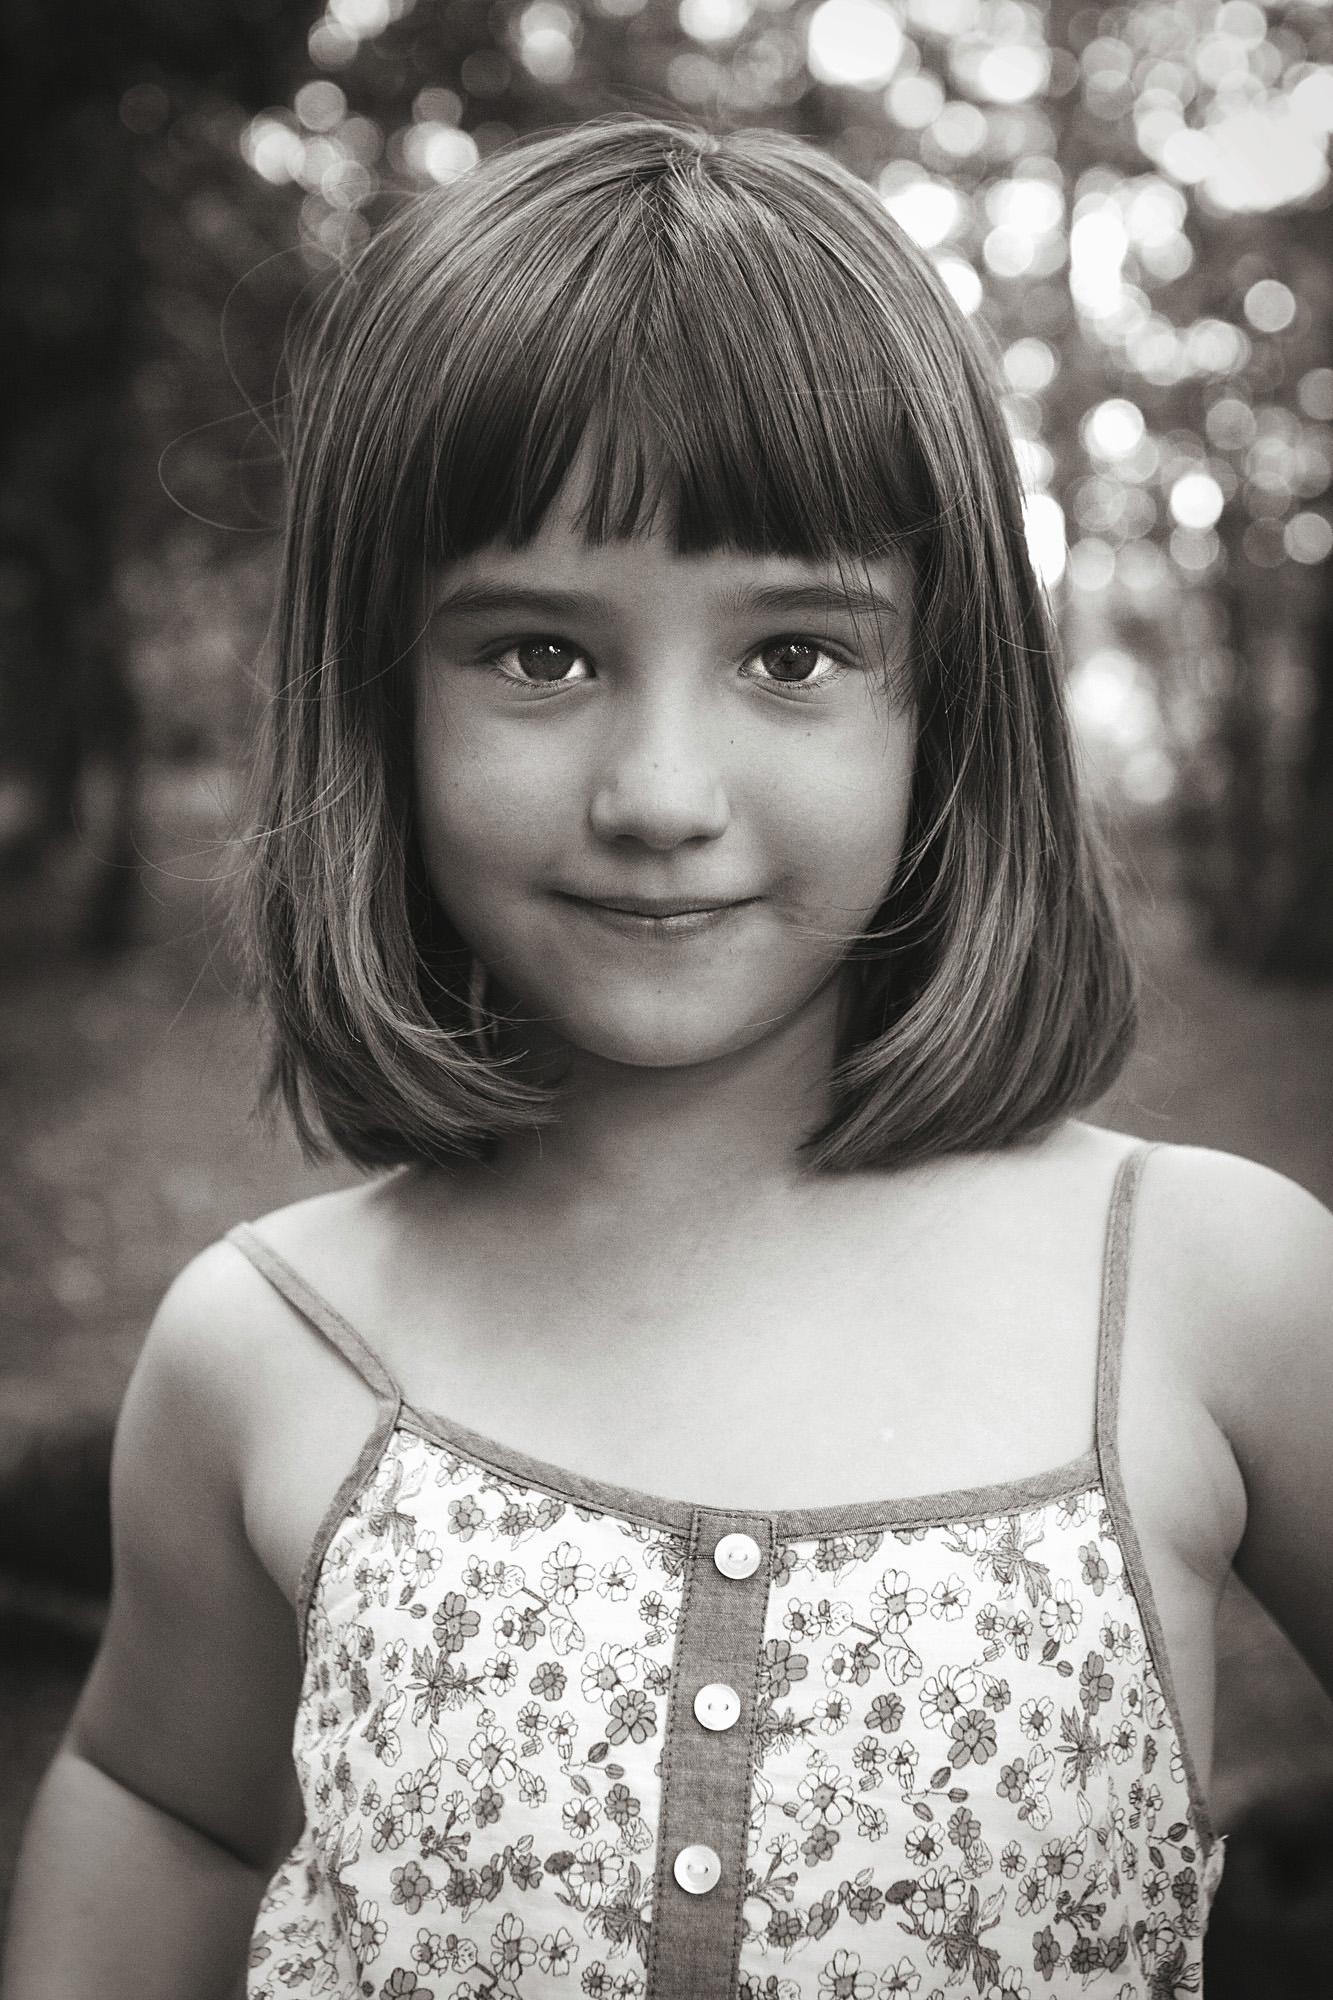 tricks for photographing children 2.jpg